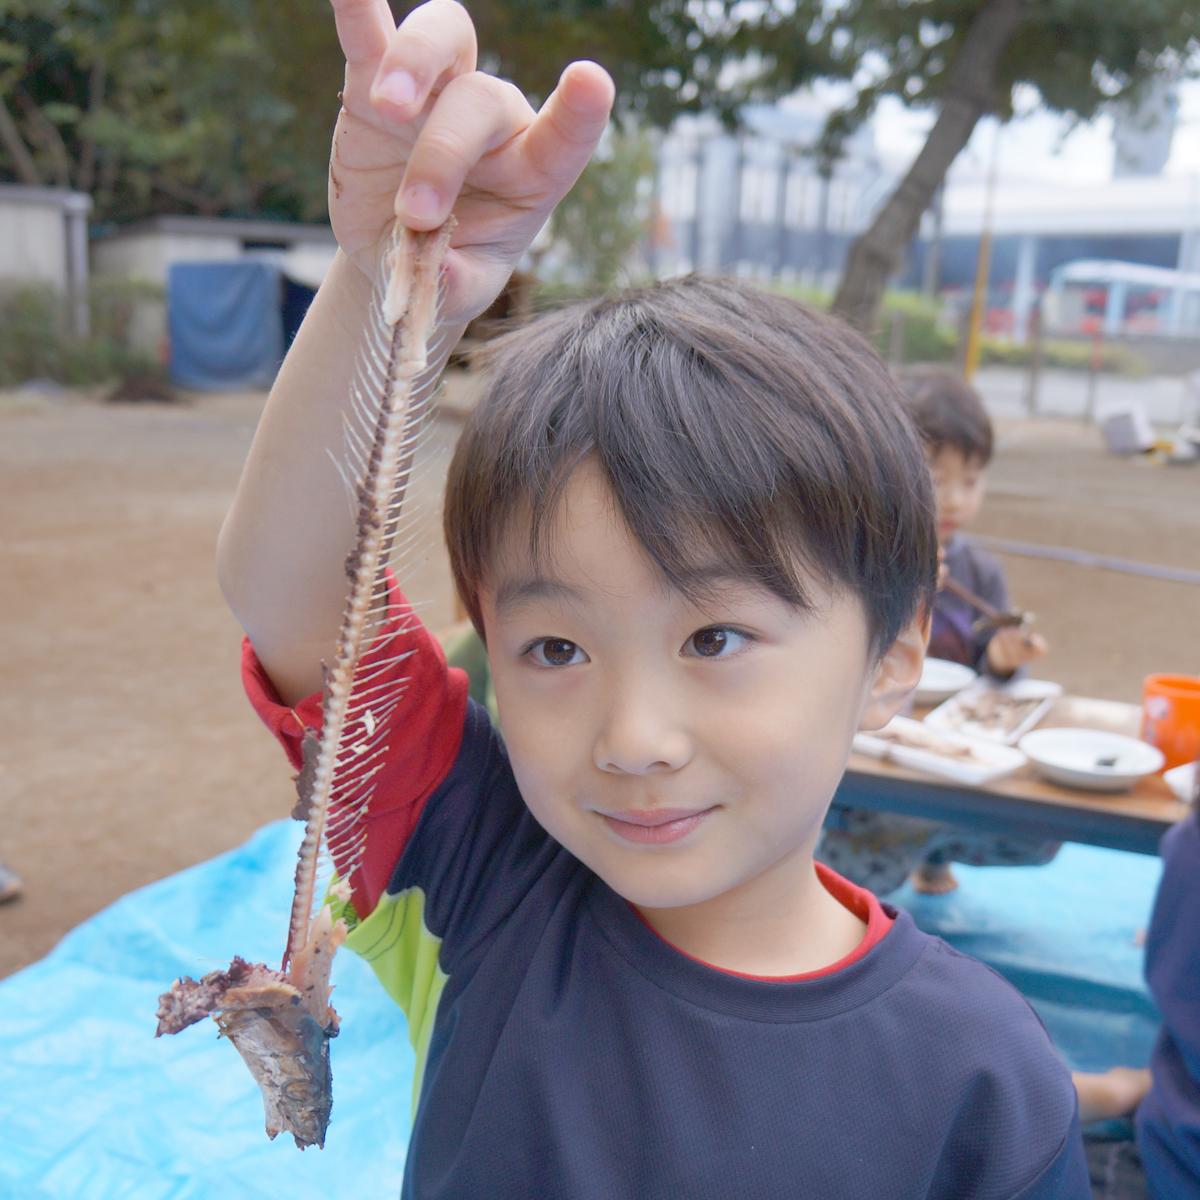 所沢市のあかね保育園のサンマ焼きパーティーの子どもとサンマと骨の画像